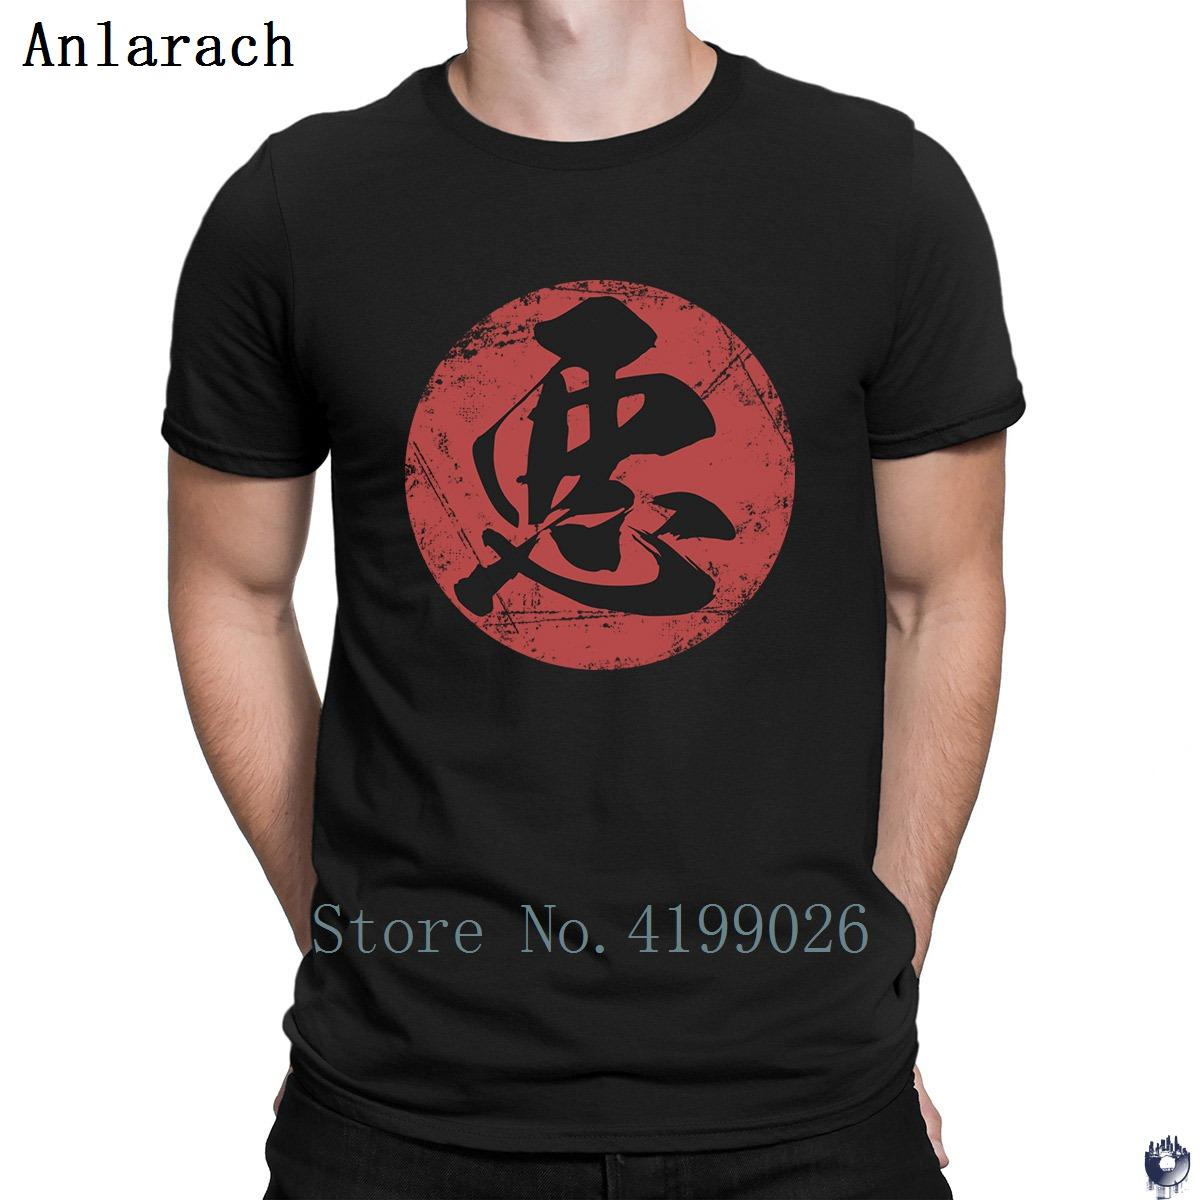 Kanji Caligrafia mal camisetas T superior Humor Família camisa de impressão t para homens simples de algodão Verão Estilo Unisex camiseta Fit